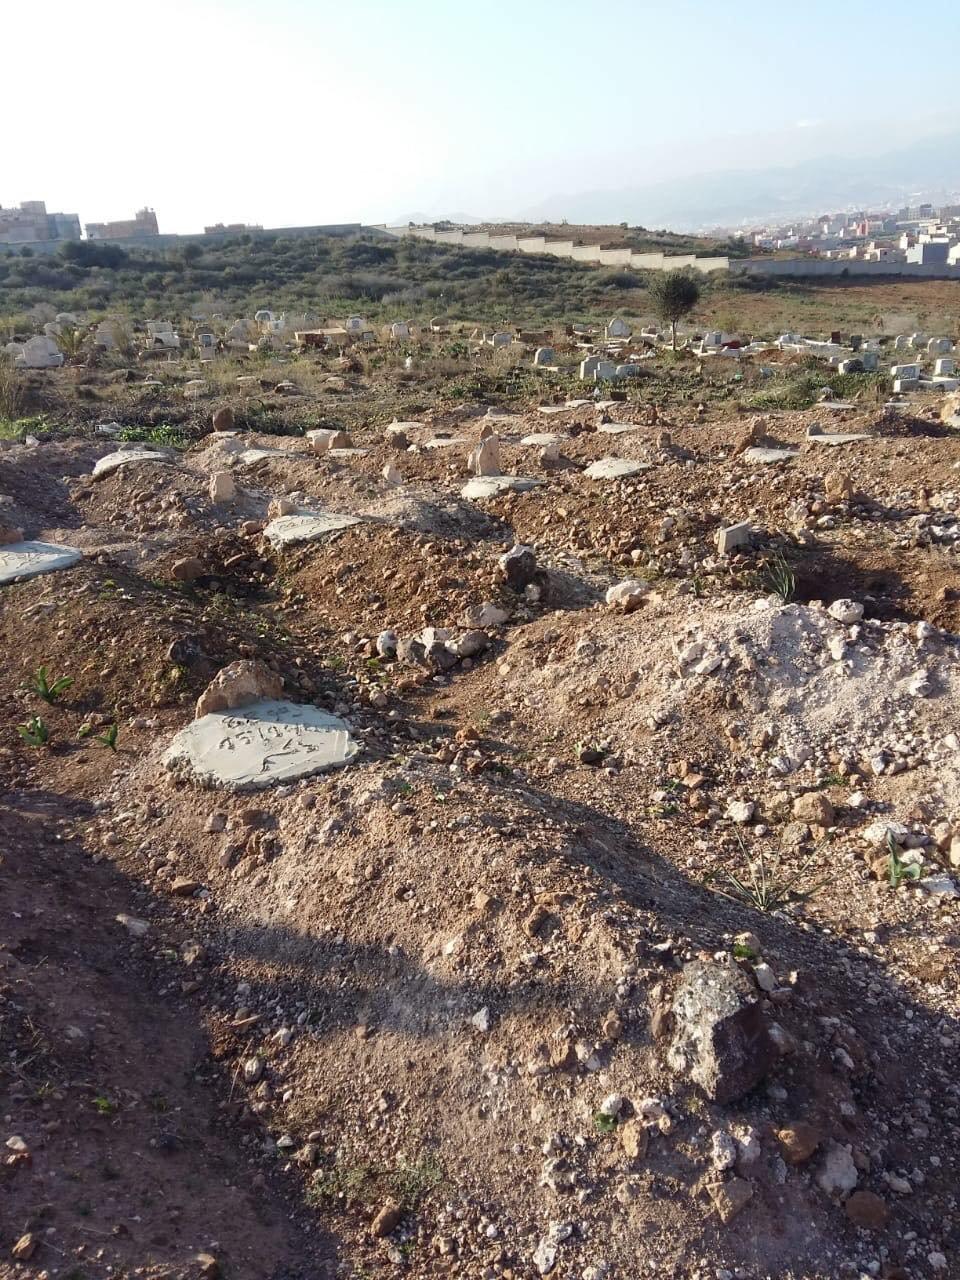 Le cimetière islamique de Nador compte de nombreuses tombes anonymes. Crédit : AMDH Nador